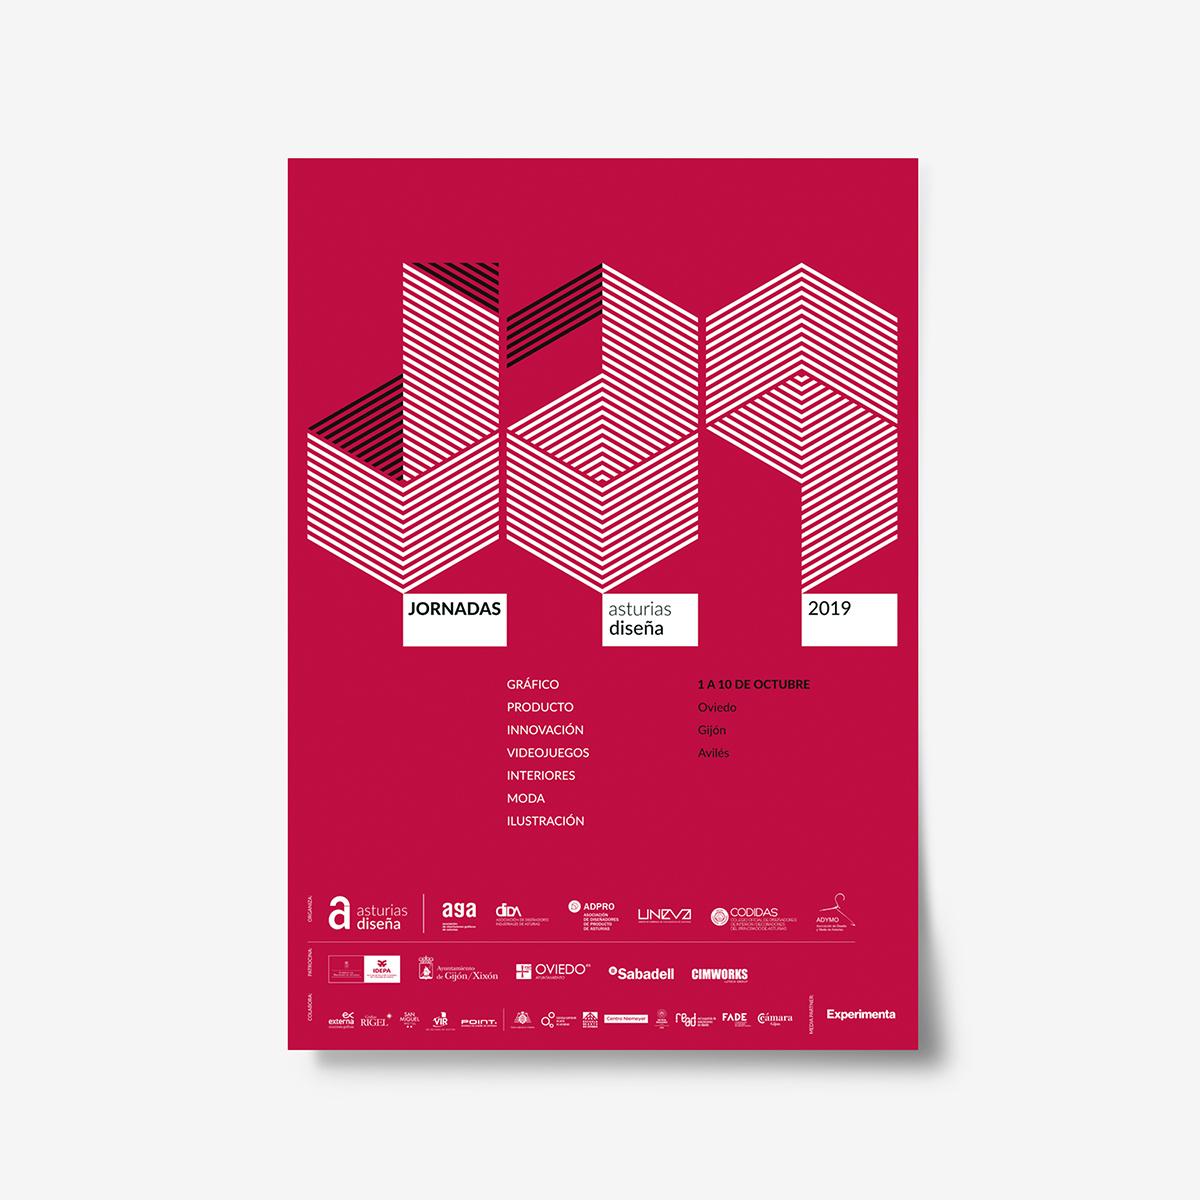 Jornadas Asturias Diseña 2019. Carteles de la serie diseñados by Goyo Rodriguez